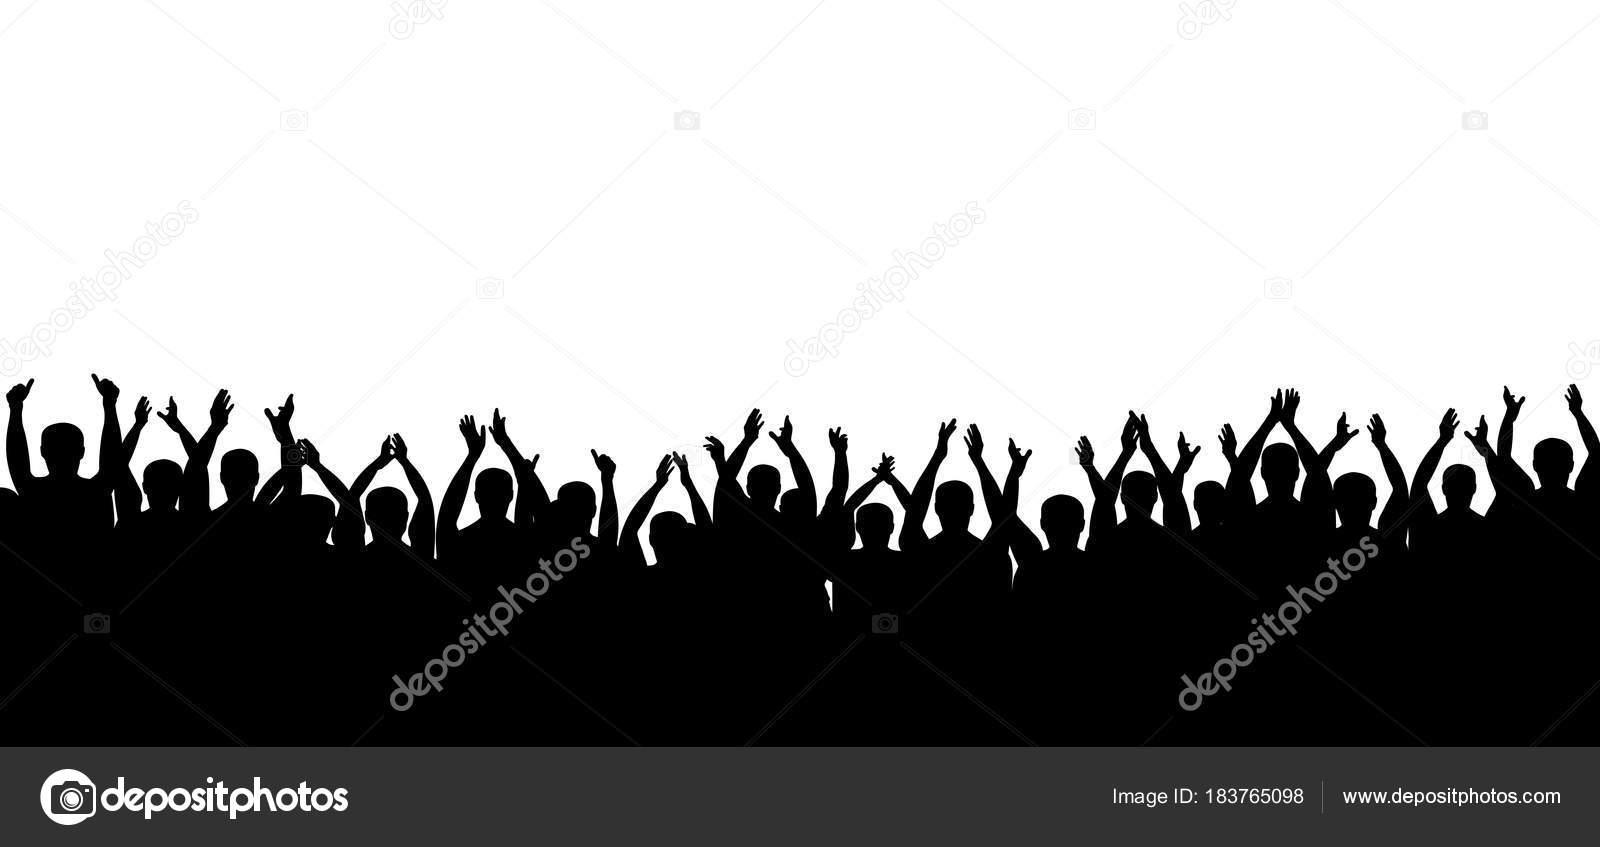 Multitud De Gente Silueta: Vector De Silueta De Multitud De Aplausos. Gente